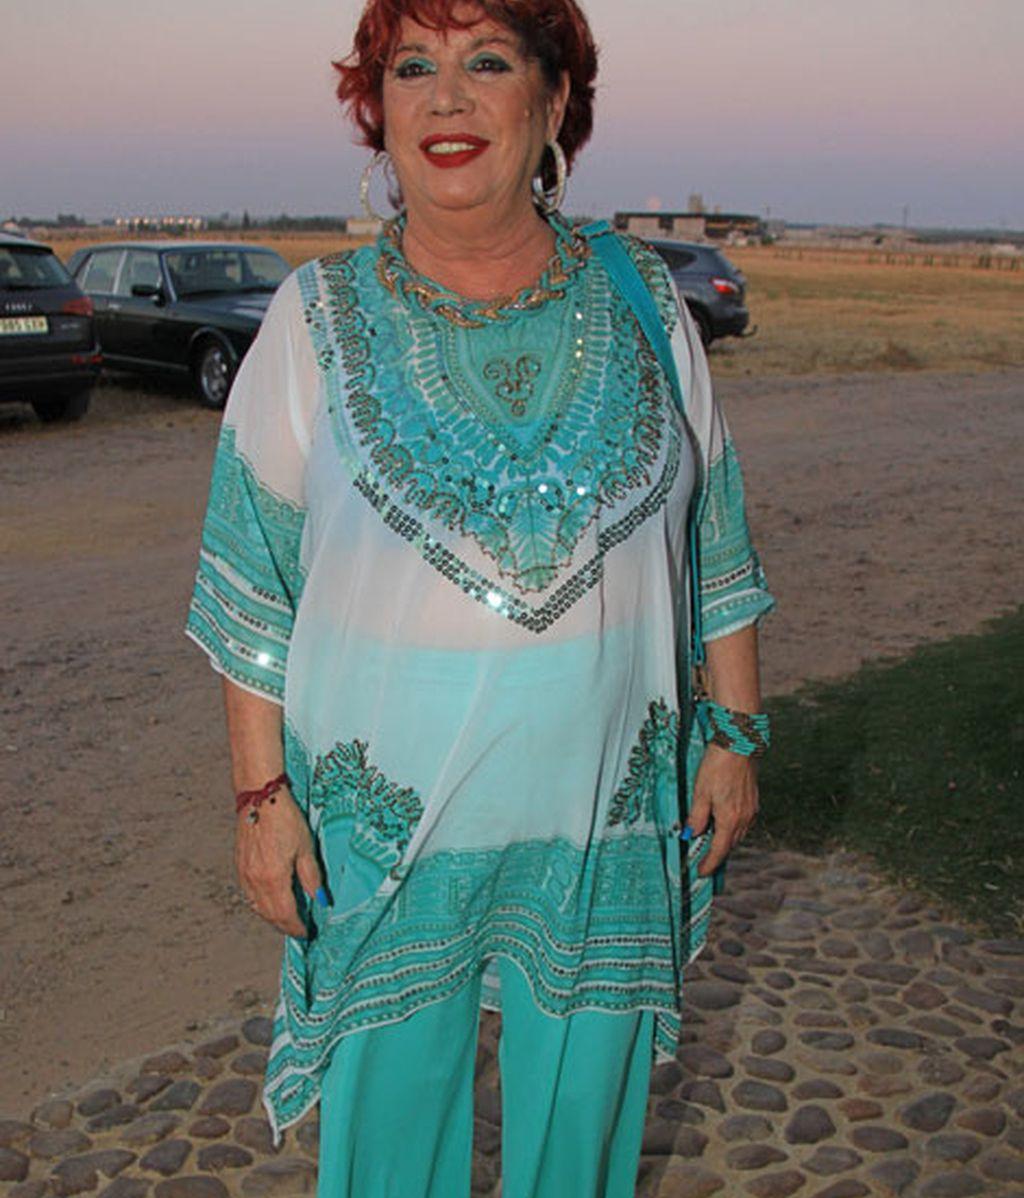 María Jiménez acudió vestida de azul y blanco